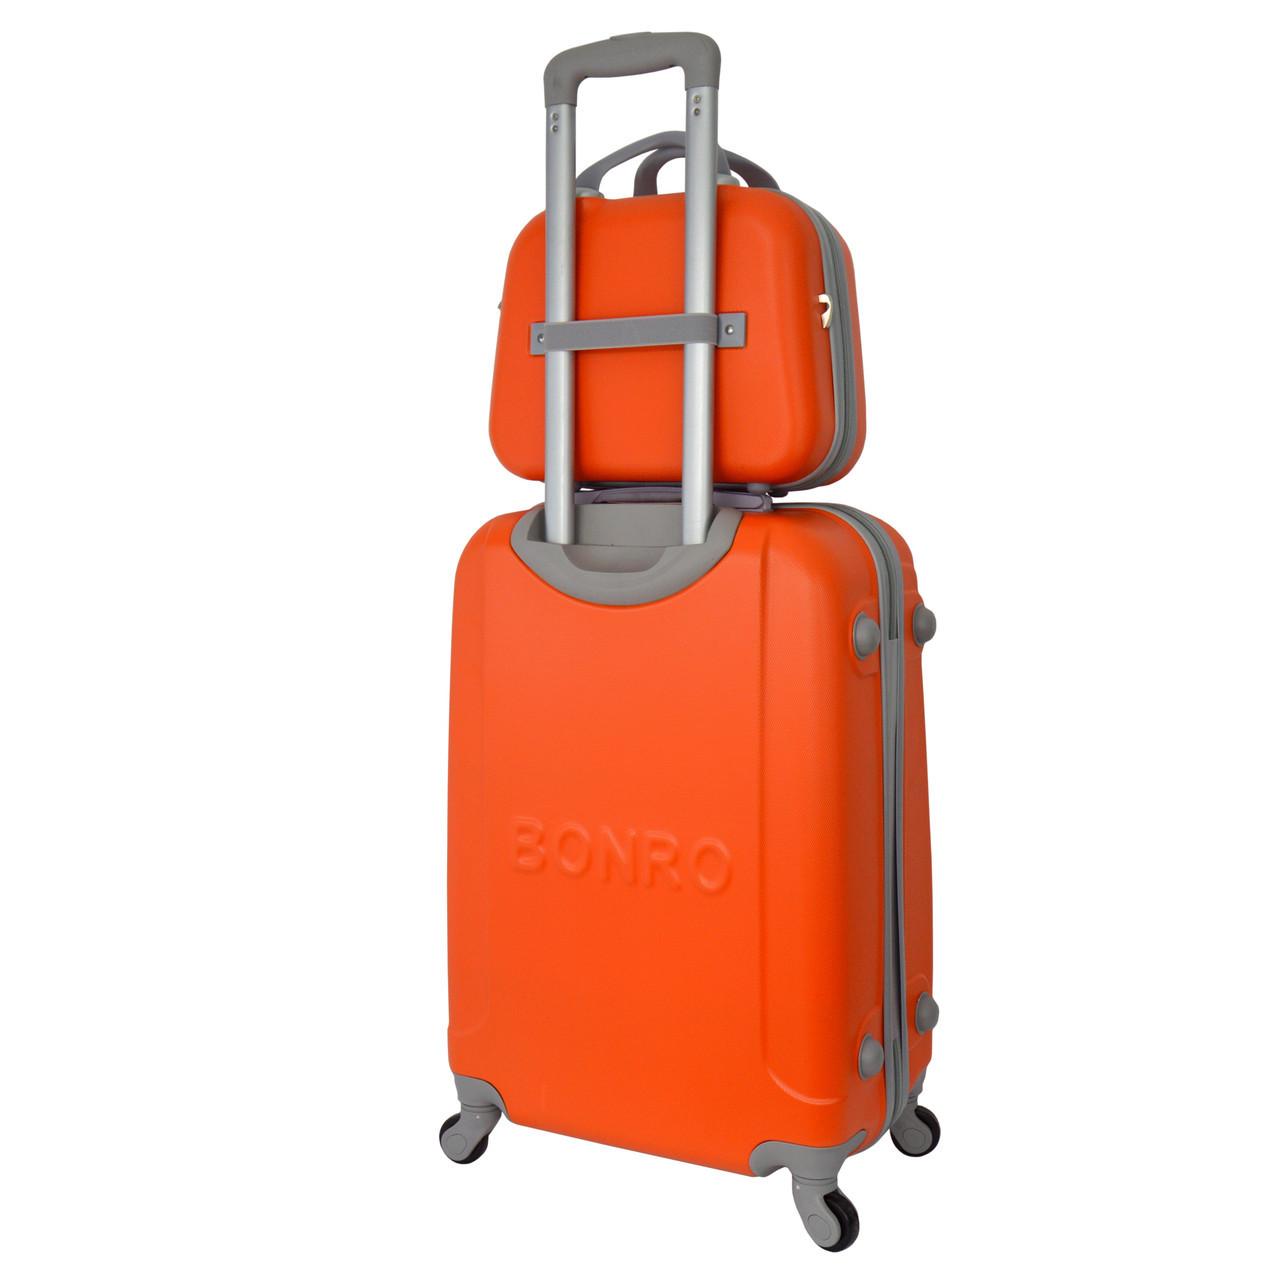 Комплект чемодан + кейс Bonro Smile (небольшой) оранжевый, цена 1 ... b141f1d0dd9